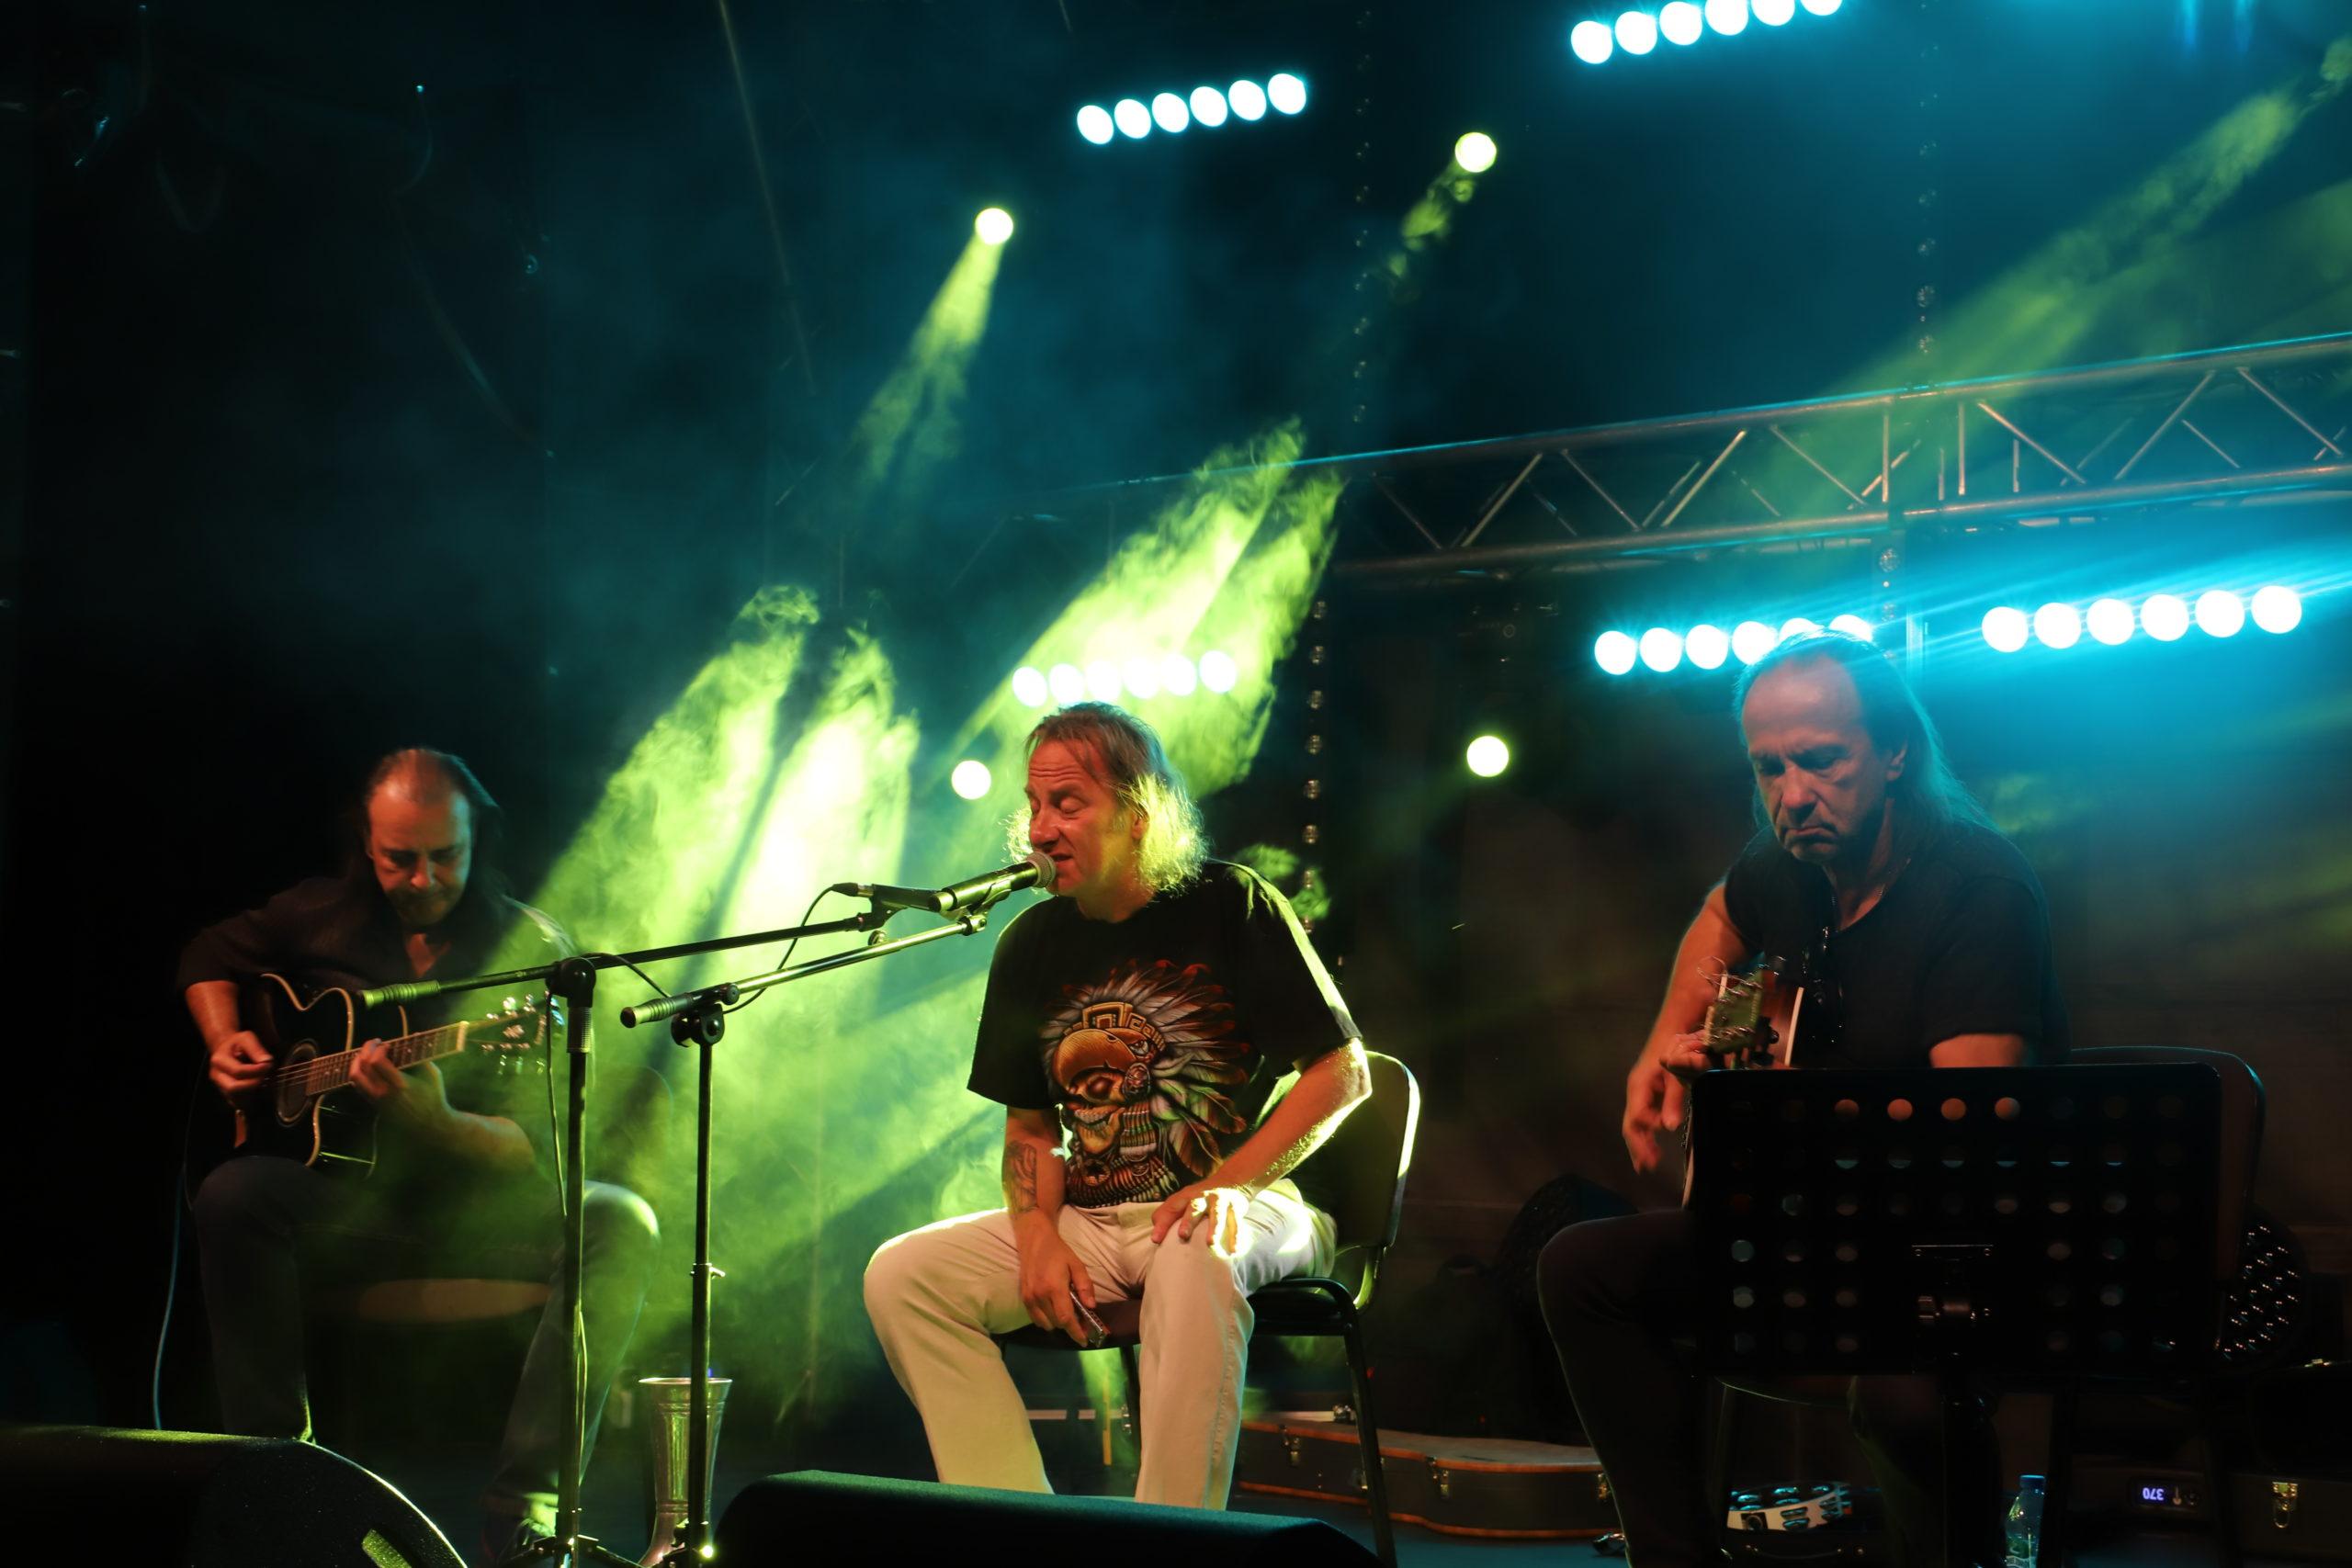 Na scenie siedzący Grzegorz Kupczyk przed mikrofonem. Po lewej i po prawej dwóch siedzących gitarzystów z gitarami akustycznymi. Zielone światło sceniczne.